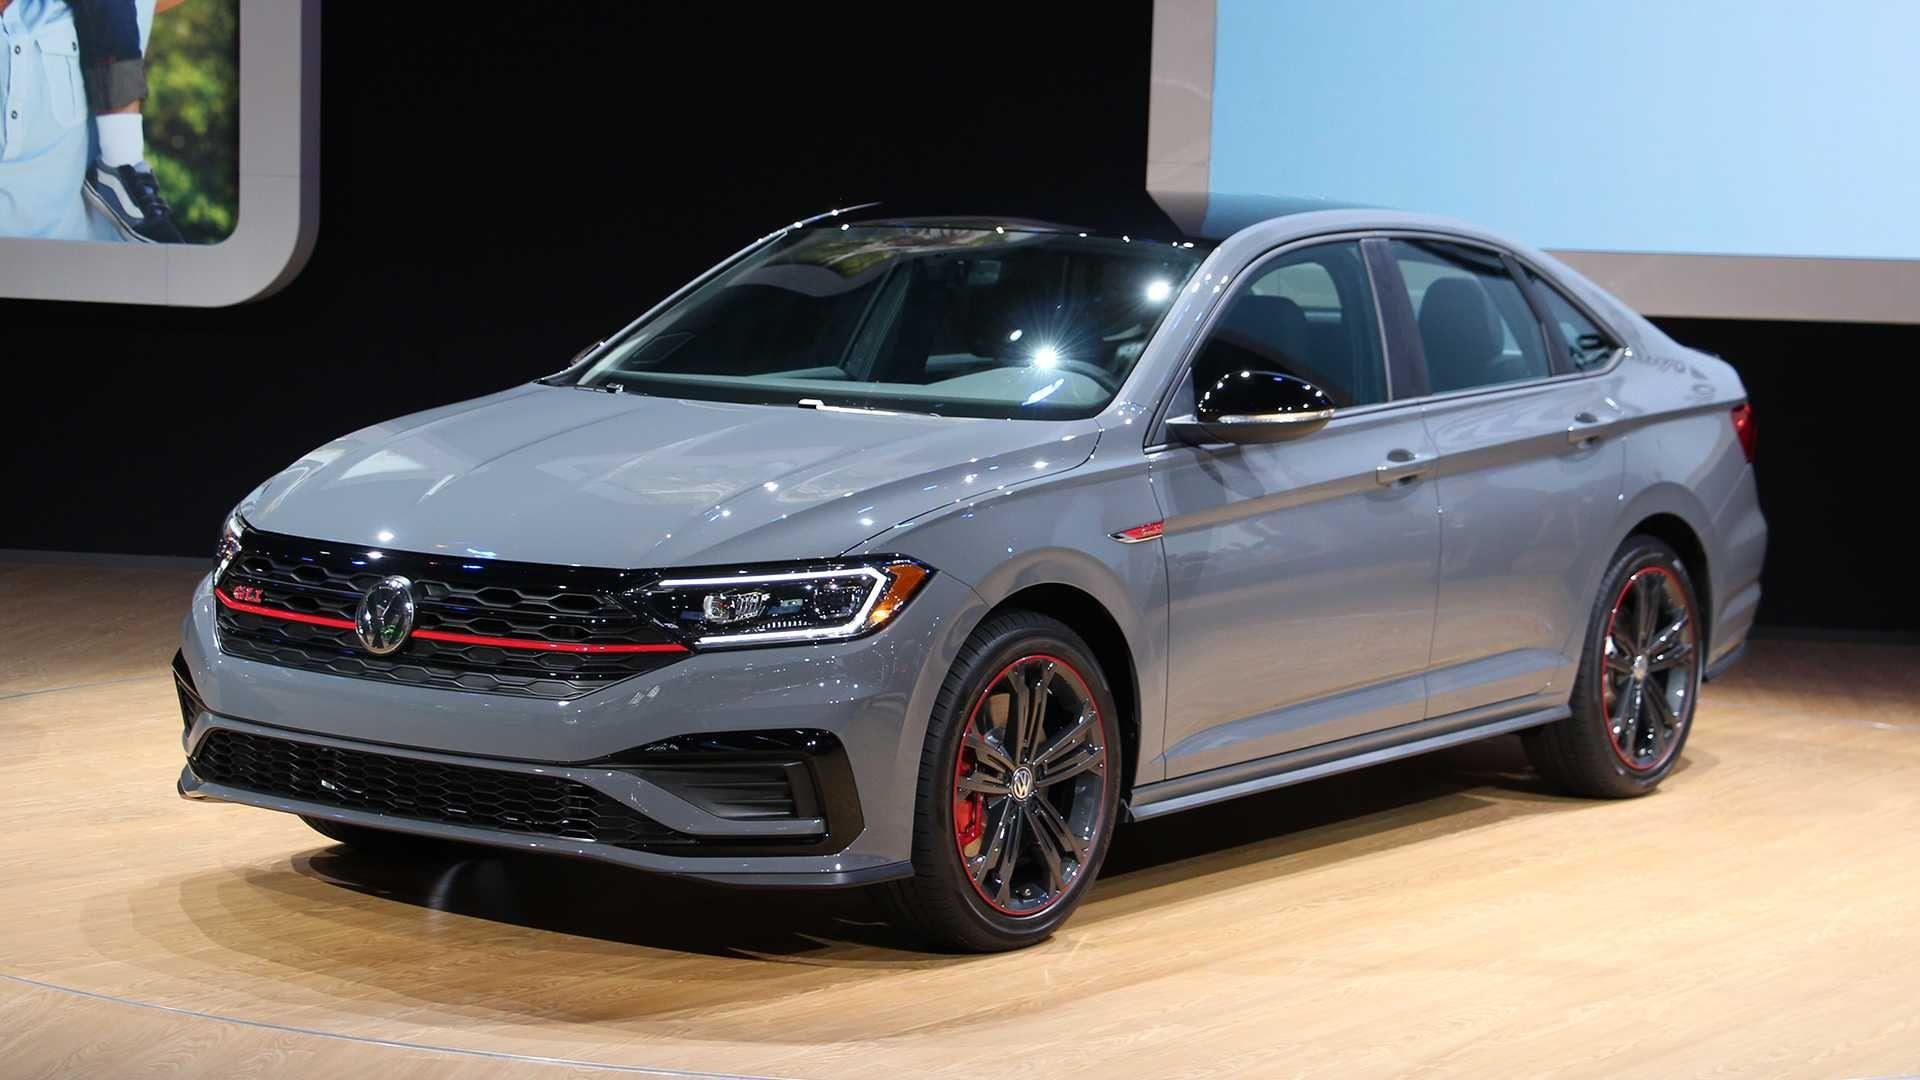 2021 Volkswagen Jetta GLI Release Date: Turbocharged 2.0L Four-Cylinder Engine, 228 Horsepower - DAX Street